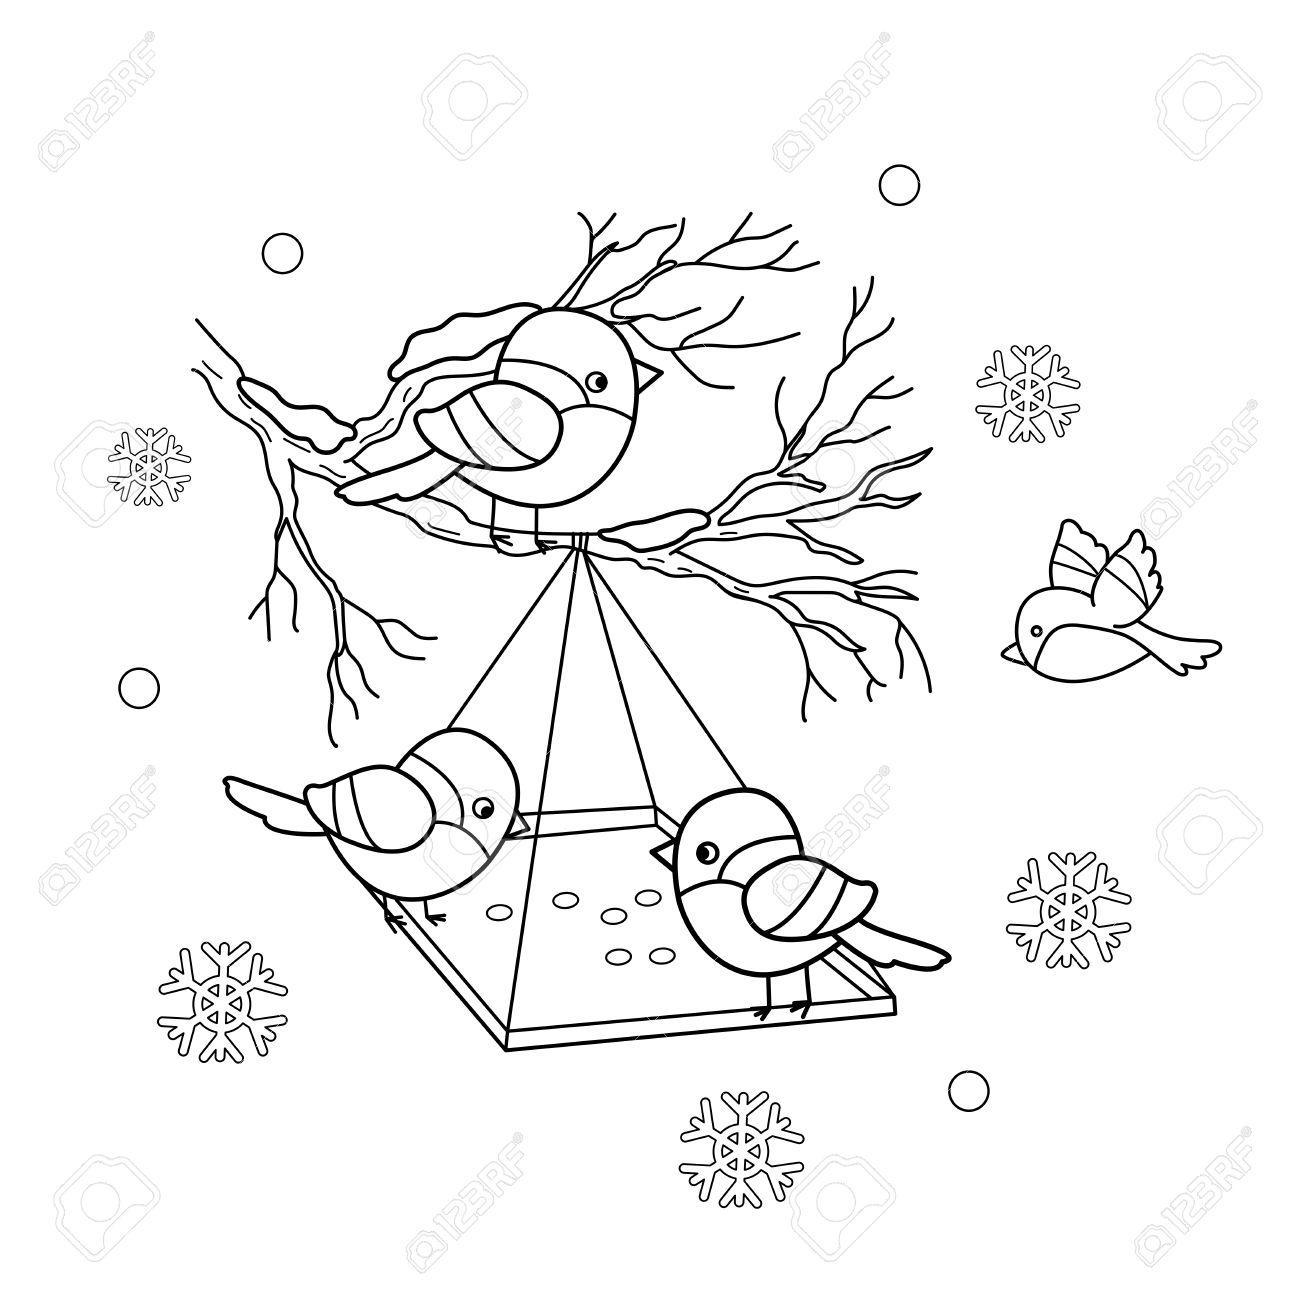 ぬりえページ概要漫画鳥の冬鳥の送り装置ウソシジュウカラスズメ